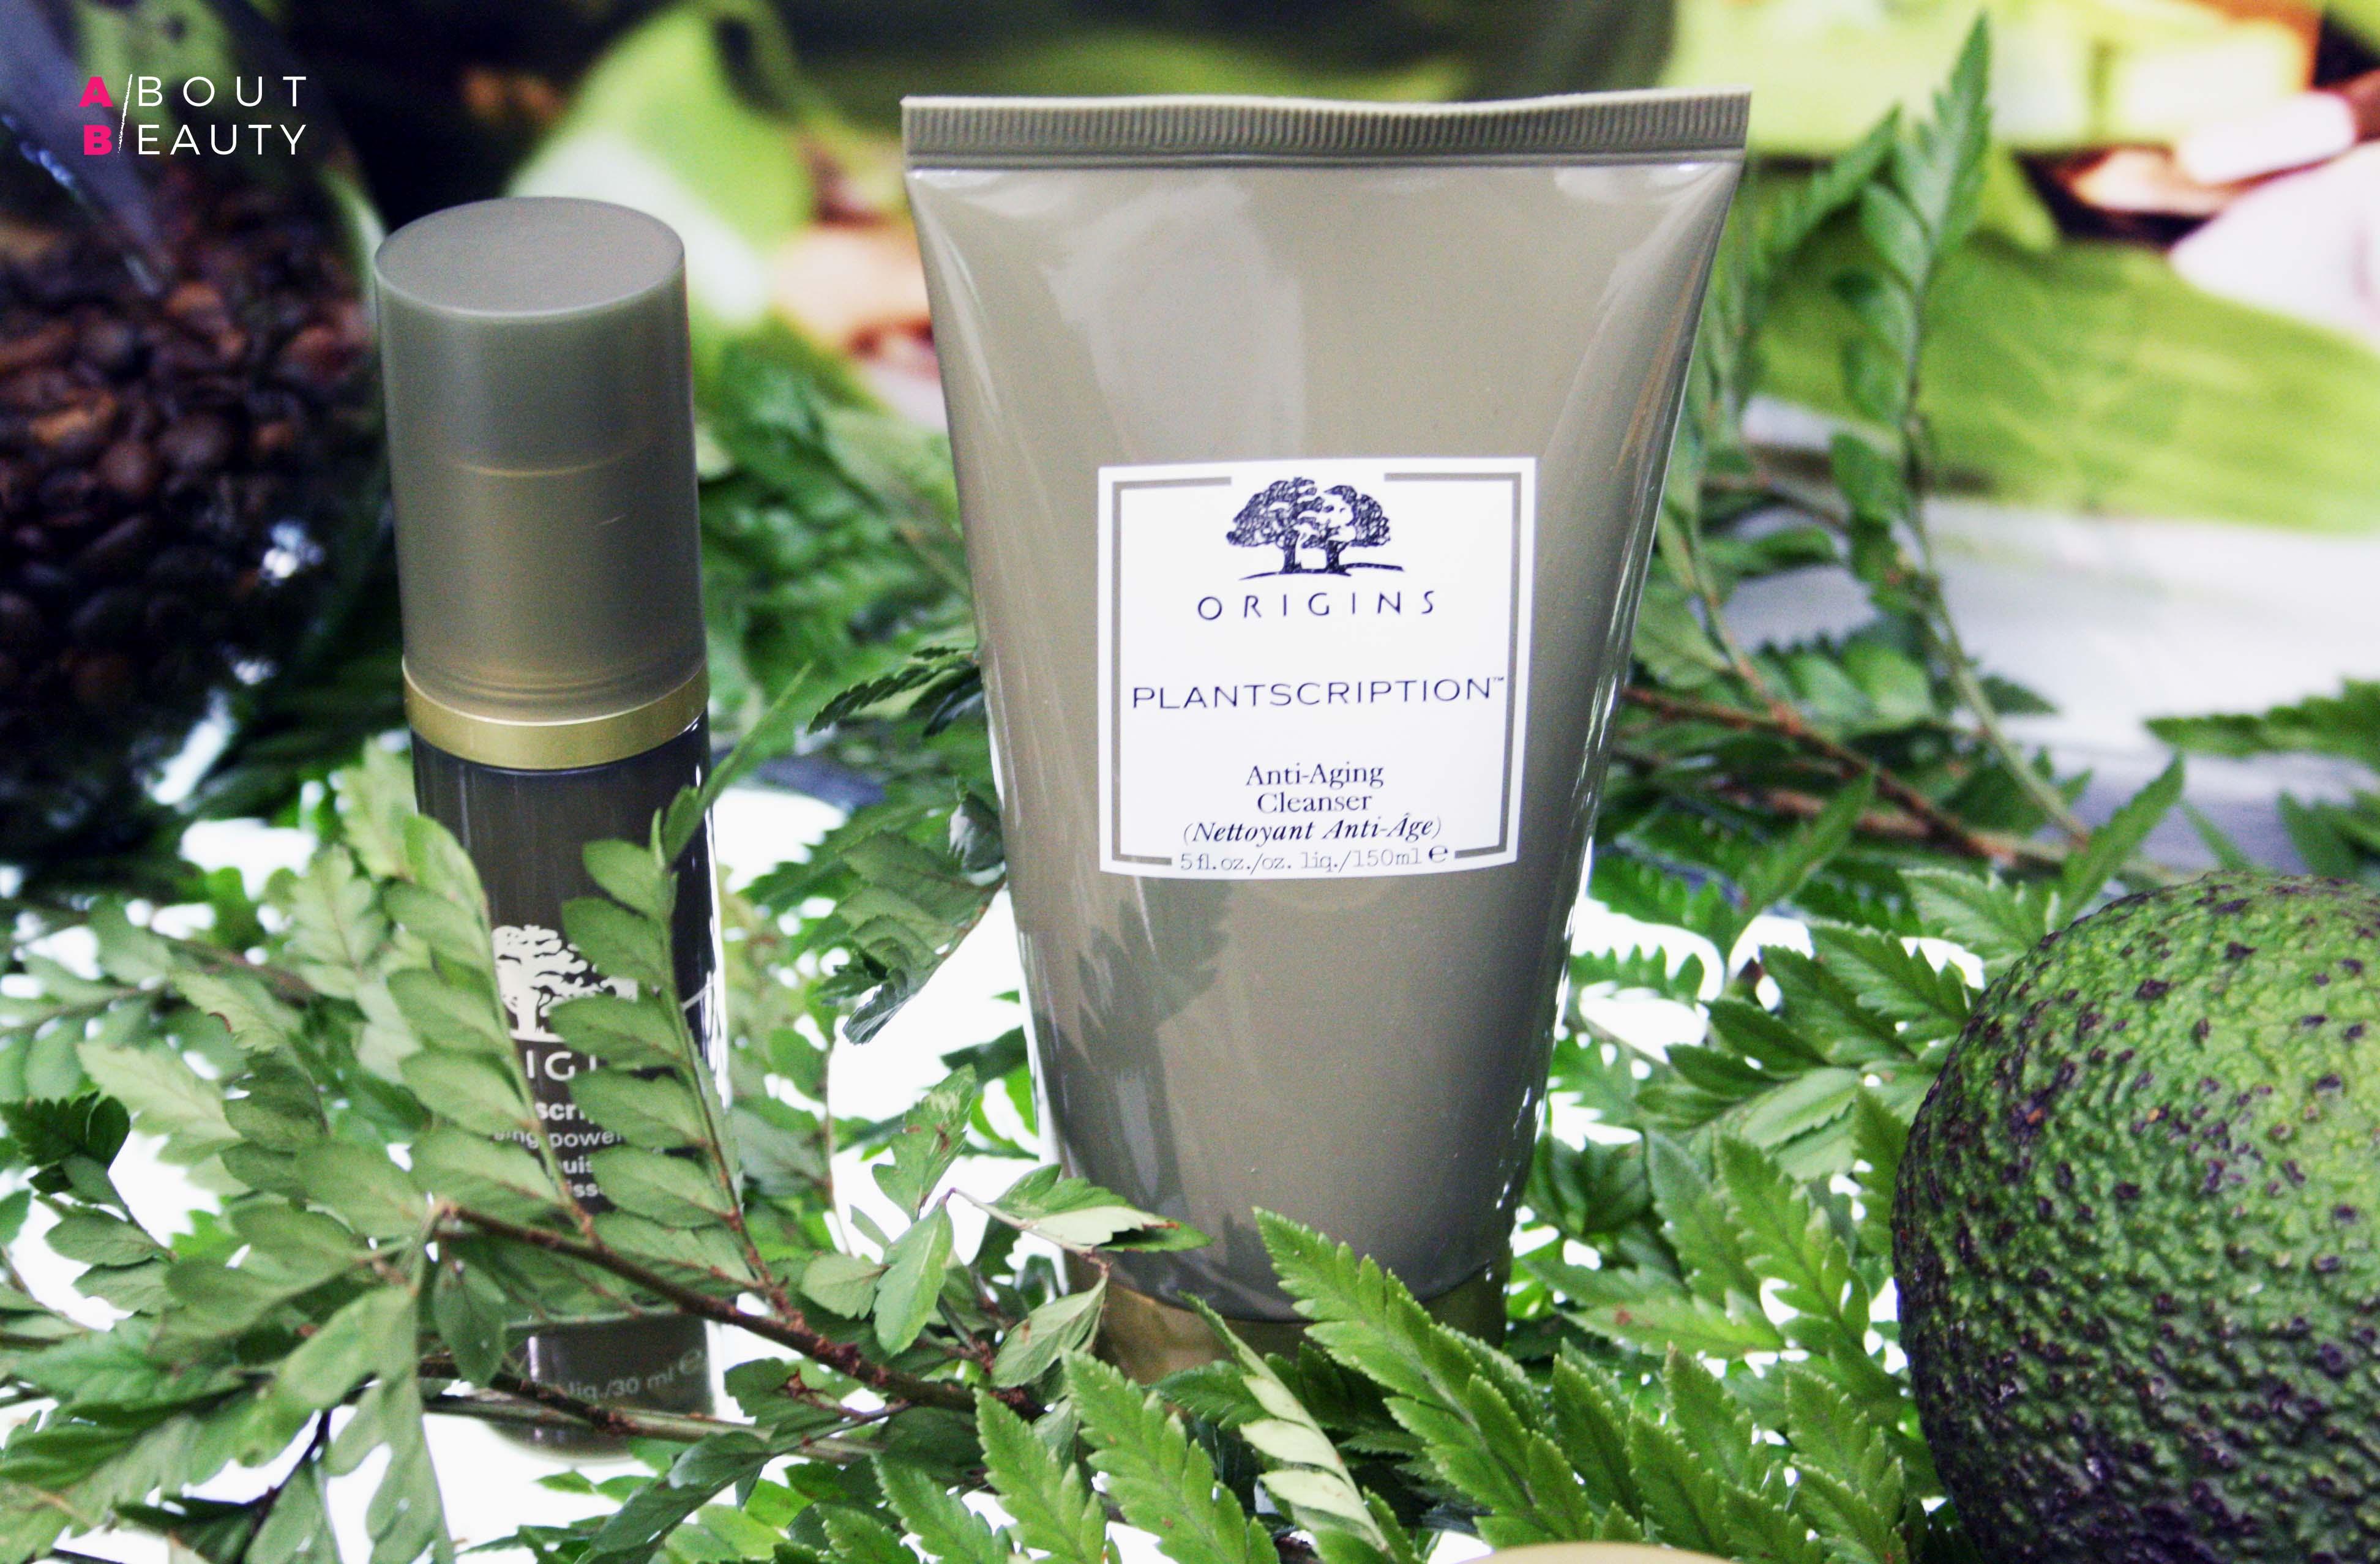 Origins arriva da Sephora con le sue linee skincare naturali: tutte le info foto e prezzi - Plantscription Anti Aging Cleanser